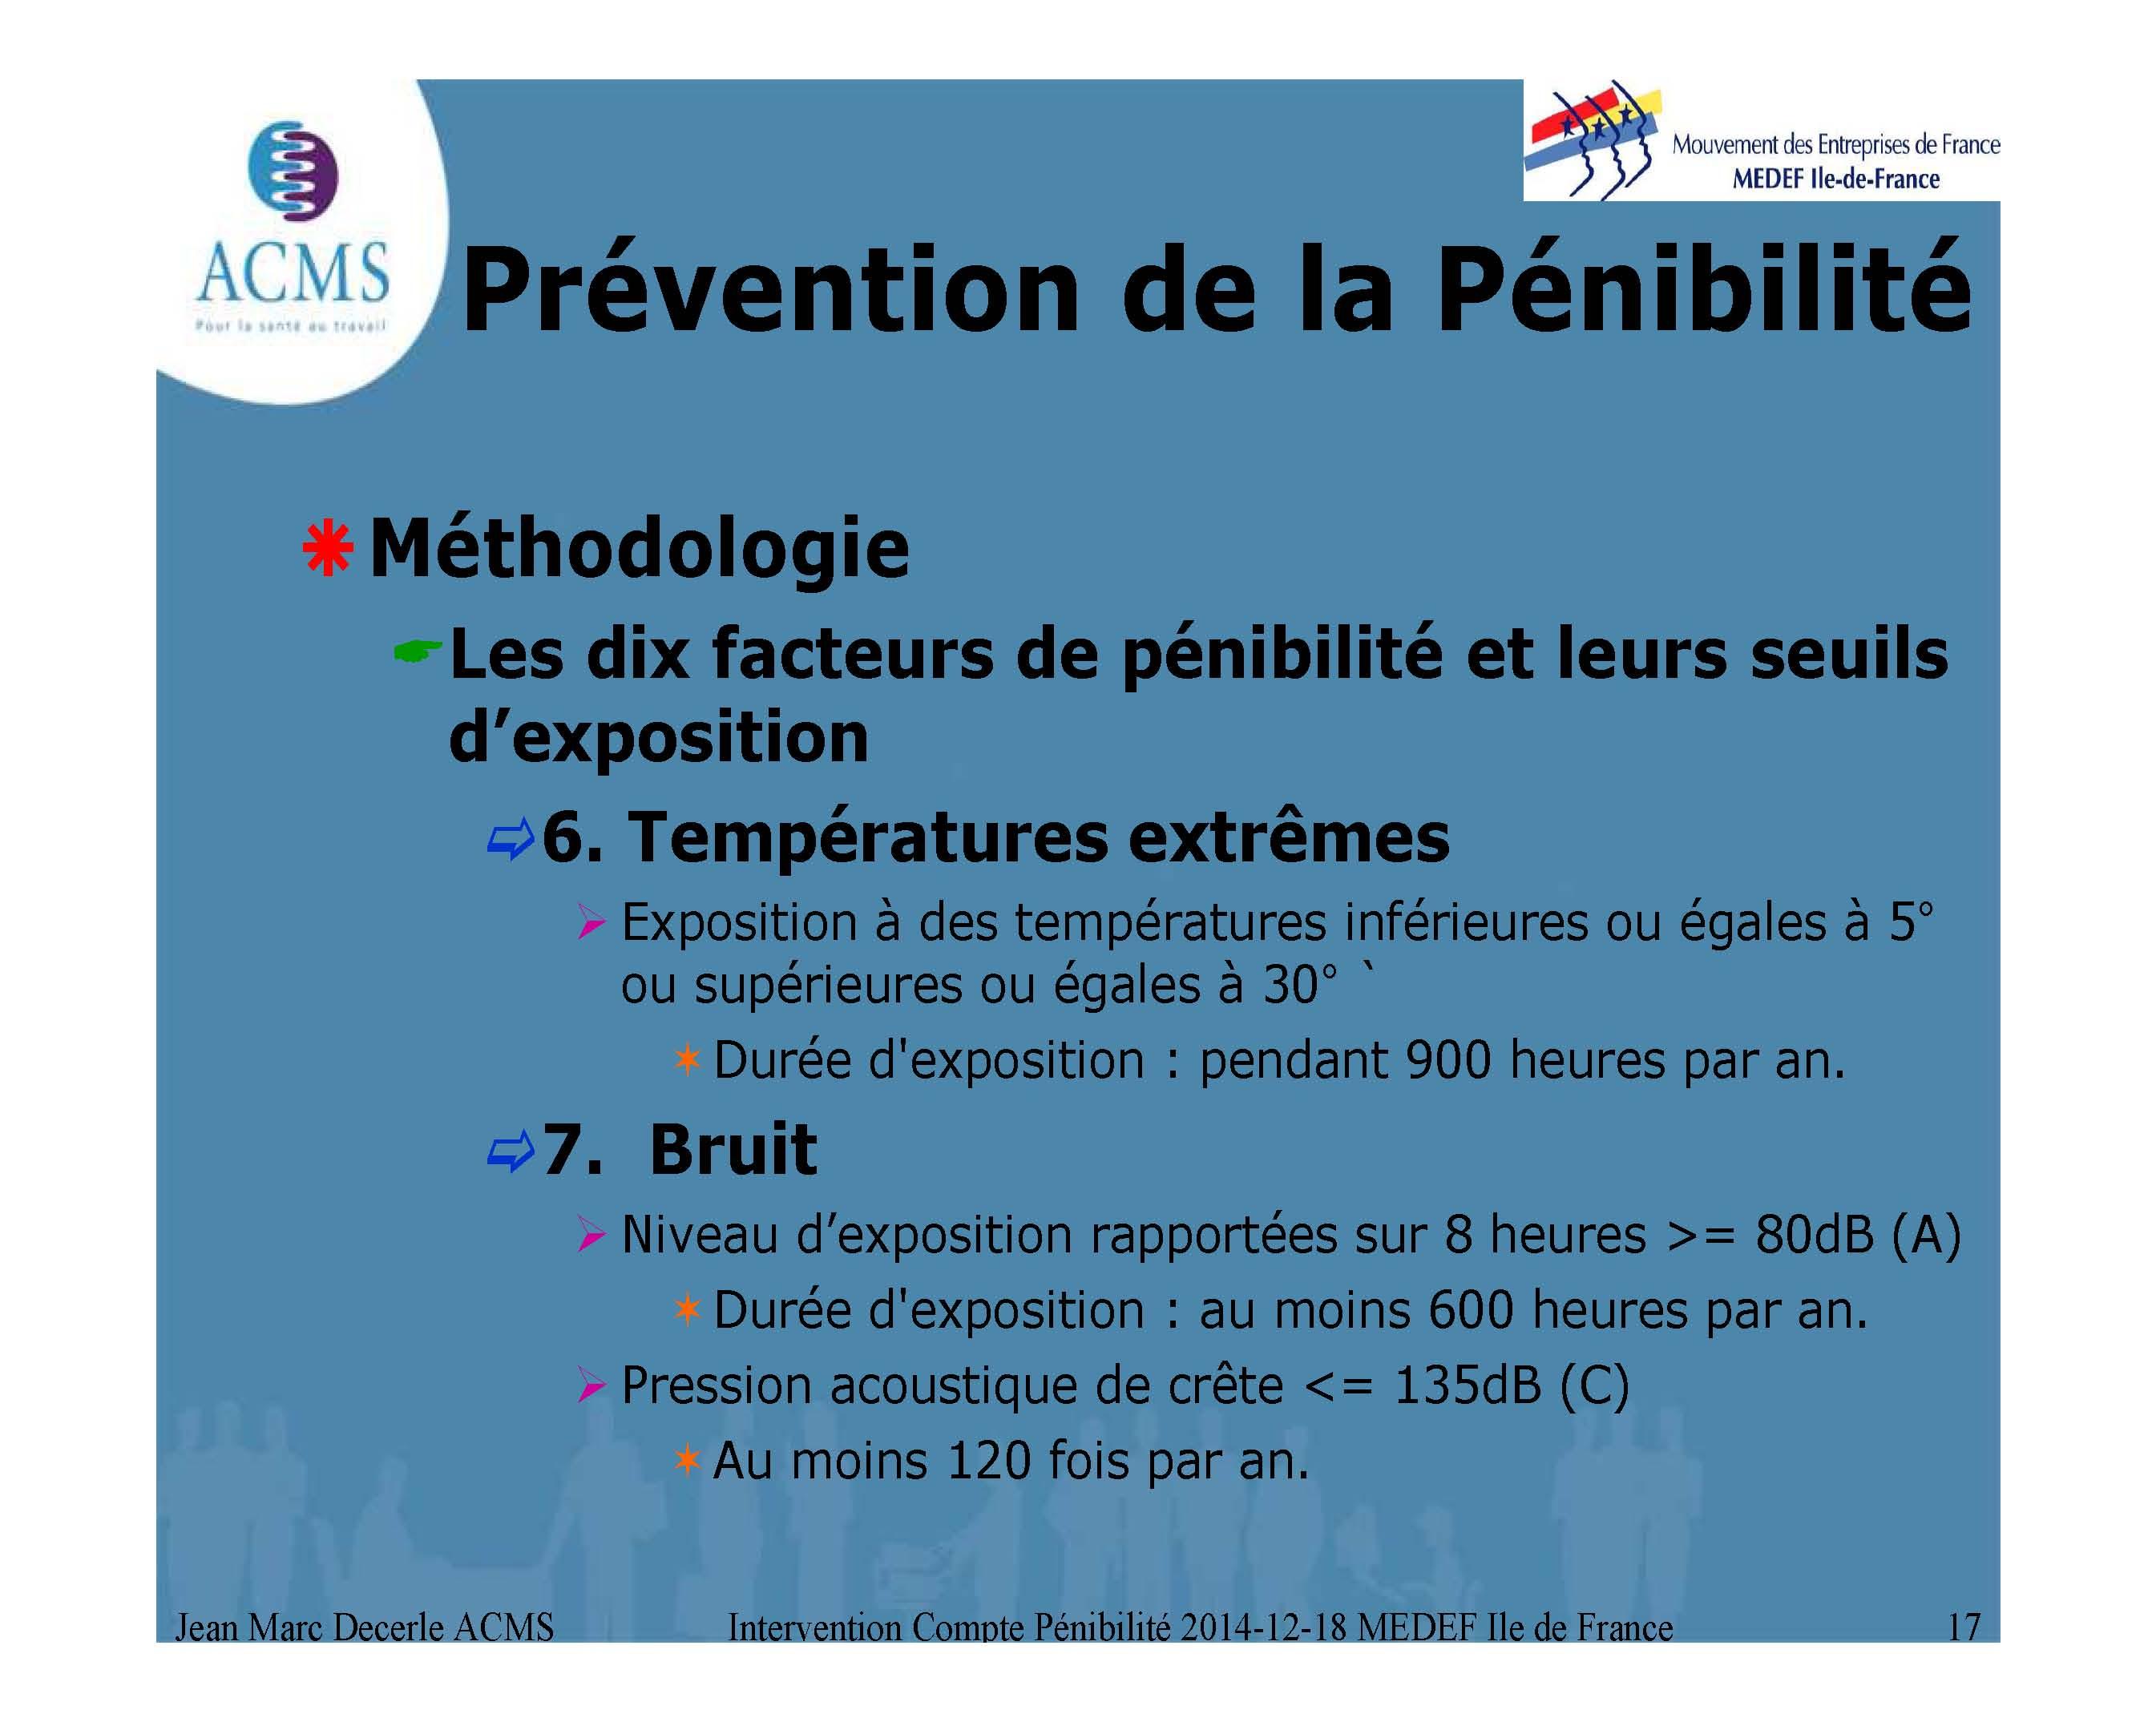 2014-12-18 Compte Pénibilite MEDEF Ile de France_Page_17